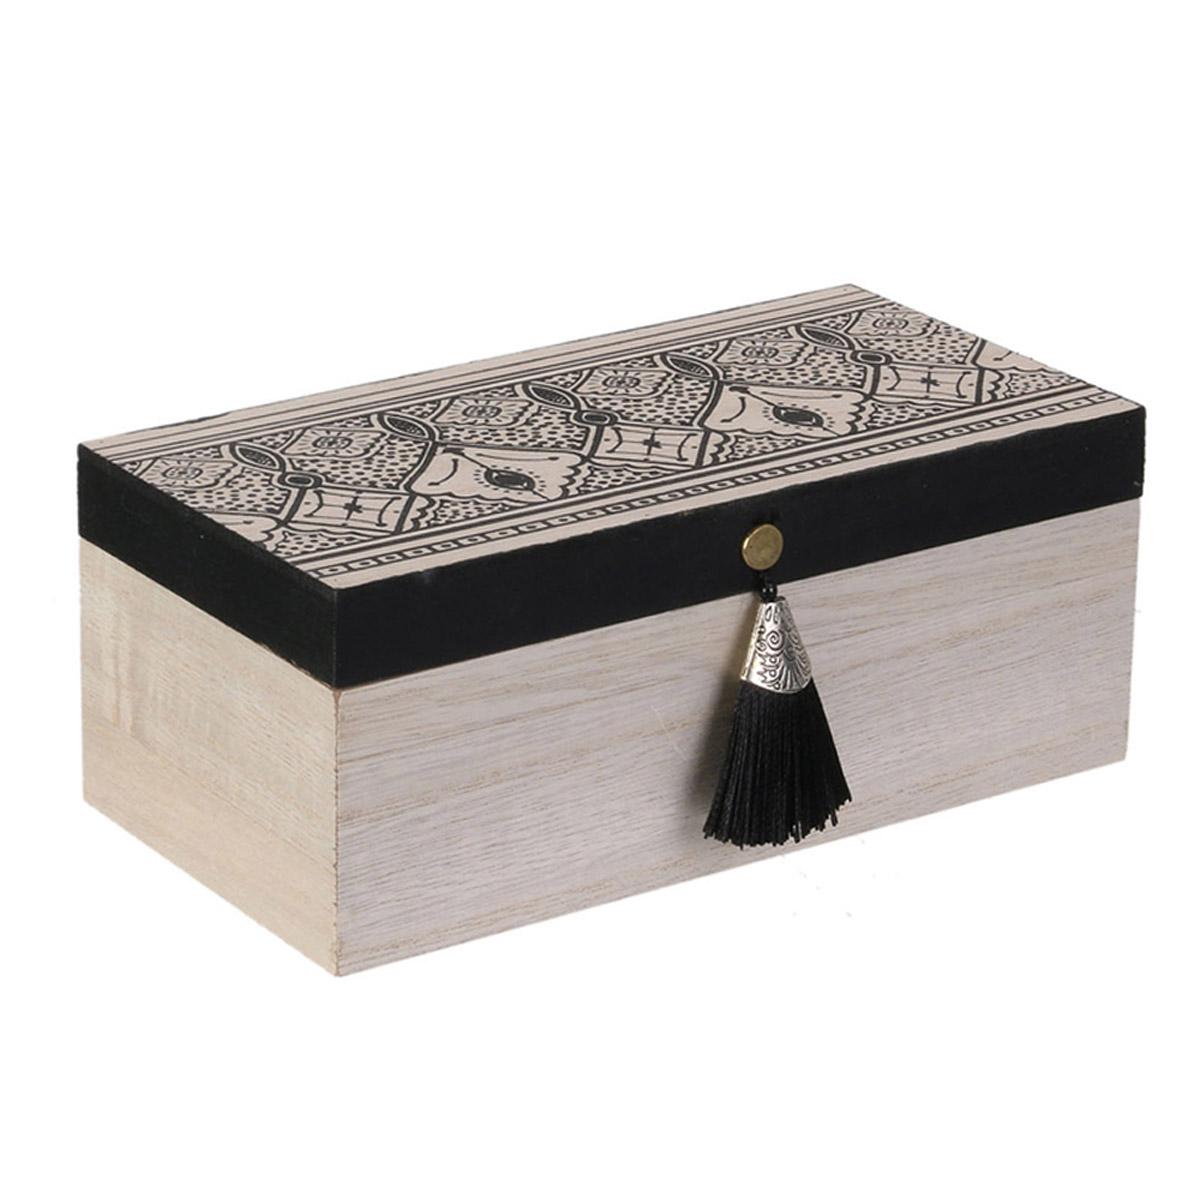 Boite de rangement bois \'Boho\' beige noir - 20x10x8 cm - [R2385]